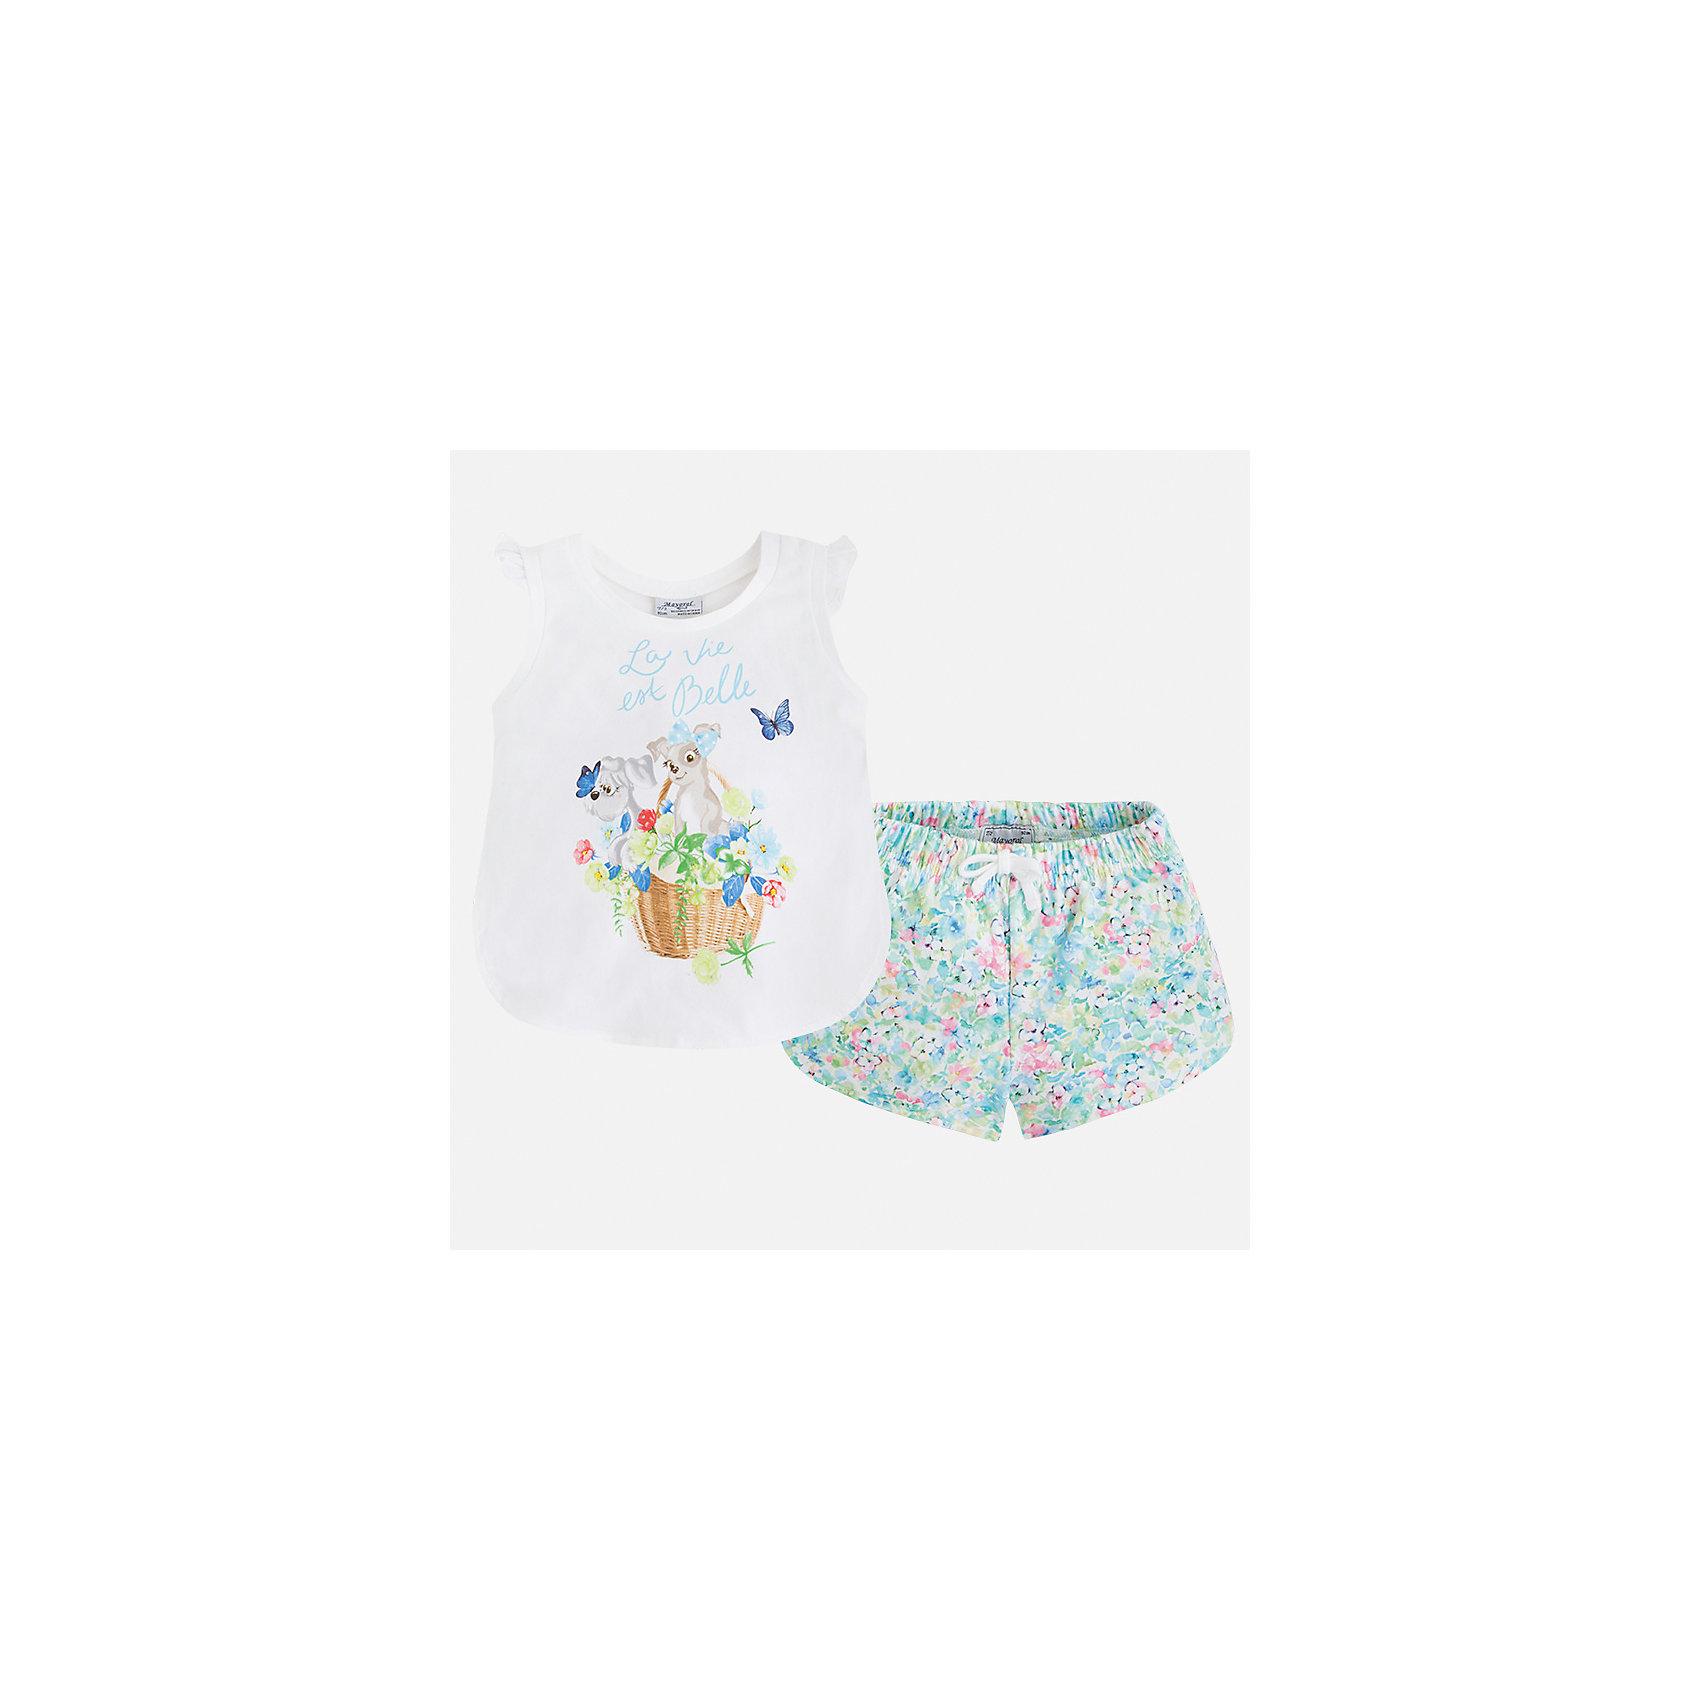 Комплект: футболка и шорты для девочки MayoralКомплекты<br>Характеристики товара:<br><br>• цвет: белый/зеленый принт<br>• состав: 95% хлопок, 5% эластан<br>• комплектация: футболка, шорты<br>• футболка декорирована принтом<br>• шорты с цветочным принтом<br>• пояс на шнурке<br>• страна бренда: Испания<br><br>Модный красивый комплект для девочки поможет разнообразить гардероб ребенка и удобно одеться в теплую погоду. Он отлично сочетается с другими предметами. Универсальный цвет позволяет подобрать к вещам верхнюю одежду практически любой расцветки. Интересная отделка модели делает её нарядной и оригинальной. В составе материала - натуральный хлопок, гипоаллергенный, приятный на ощупь, дышащий.<br><br>Одежда, обувь и аксессуары от испанского бренда Mayoral полюбились детям и взрослым по всему миру. Модели этой марки - стильные и удобные. Для их производства используются только безопасные, качественные материалы и фурнитура. Порадуйте ребенка модными и красивыми вещами от Mayoral! <br><br>Комплект для девочки от испанского бренда Mayoral (Майорал) можно купить в нашем интернет-магазине.<br><br>Ширина мм: 191<br>Глубина мм: 10<br>Высота мм: 175<br>Вес г: 273<br>Цвет: зеленый<br>Возраст от месяцев: 24<br>Возраст до месяцев: 36<br>Пол: Женский<br>Возраст: Детский<br>Размер: 98,134,104,110,116,122,128<br>SKU: 5289943